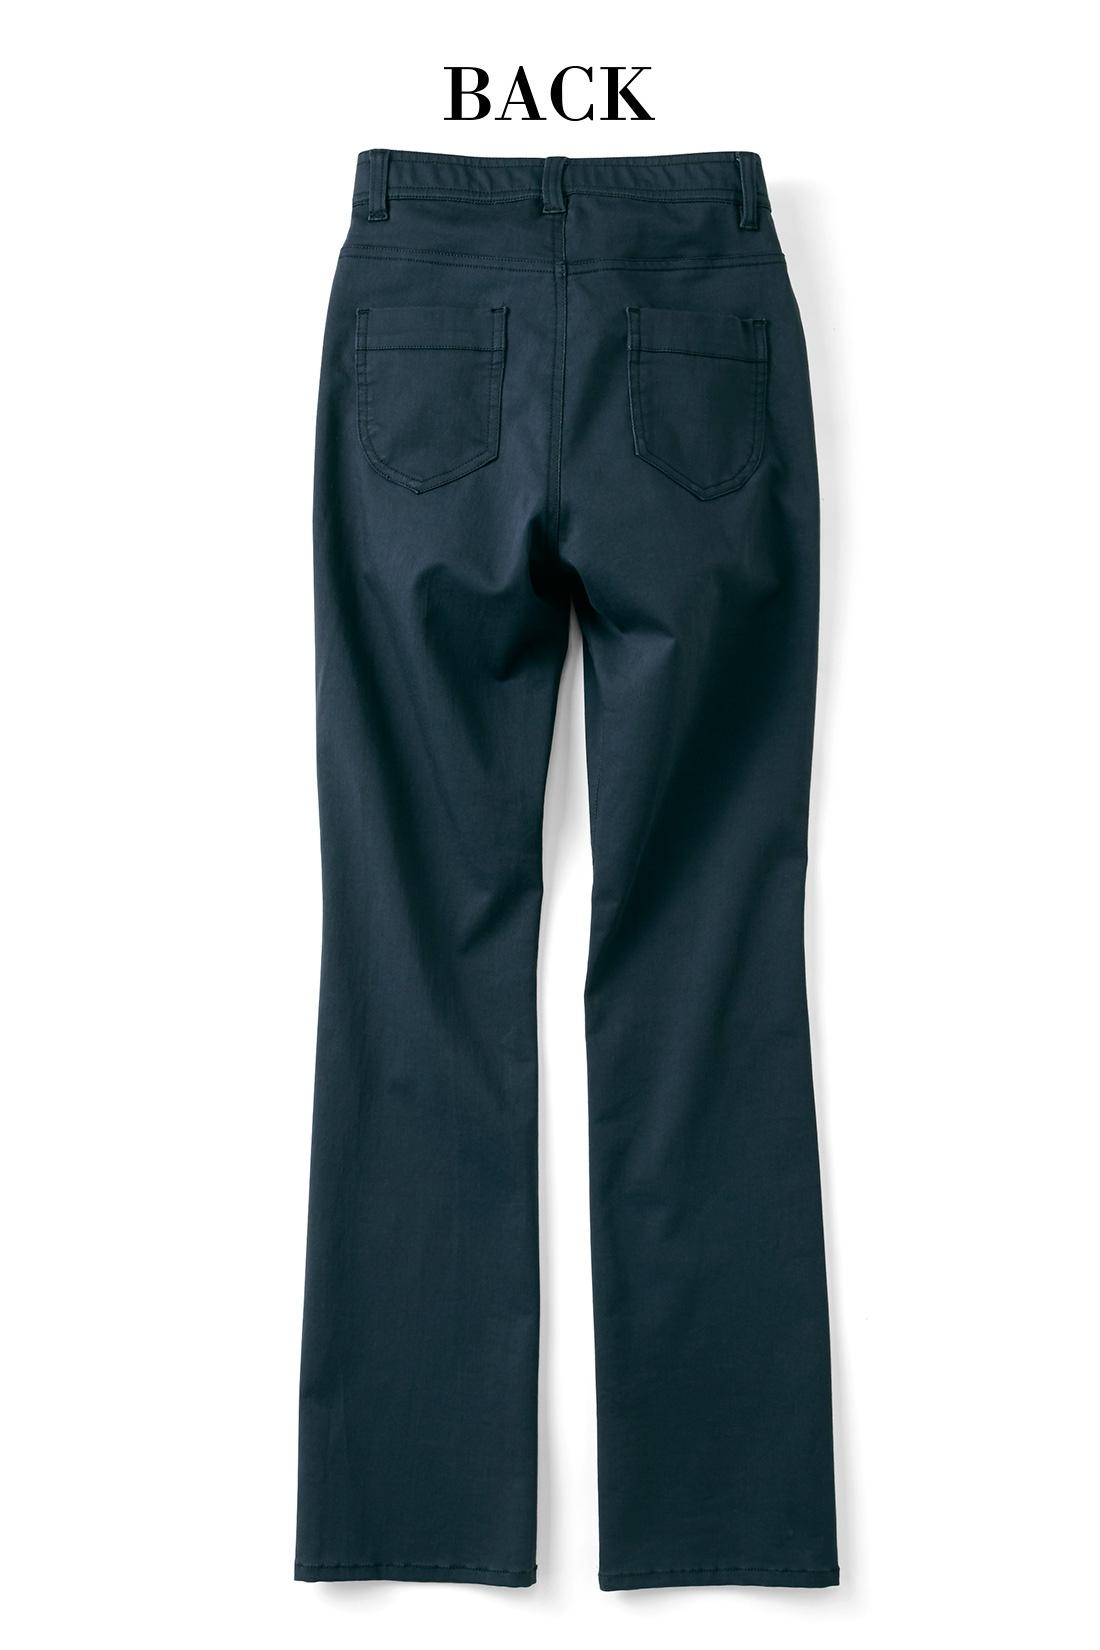 美尻に見せるポケットデザインもぬかりなく。